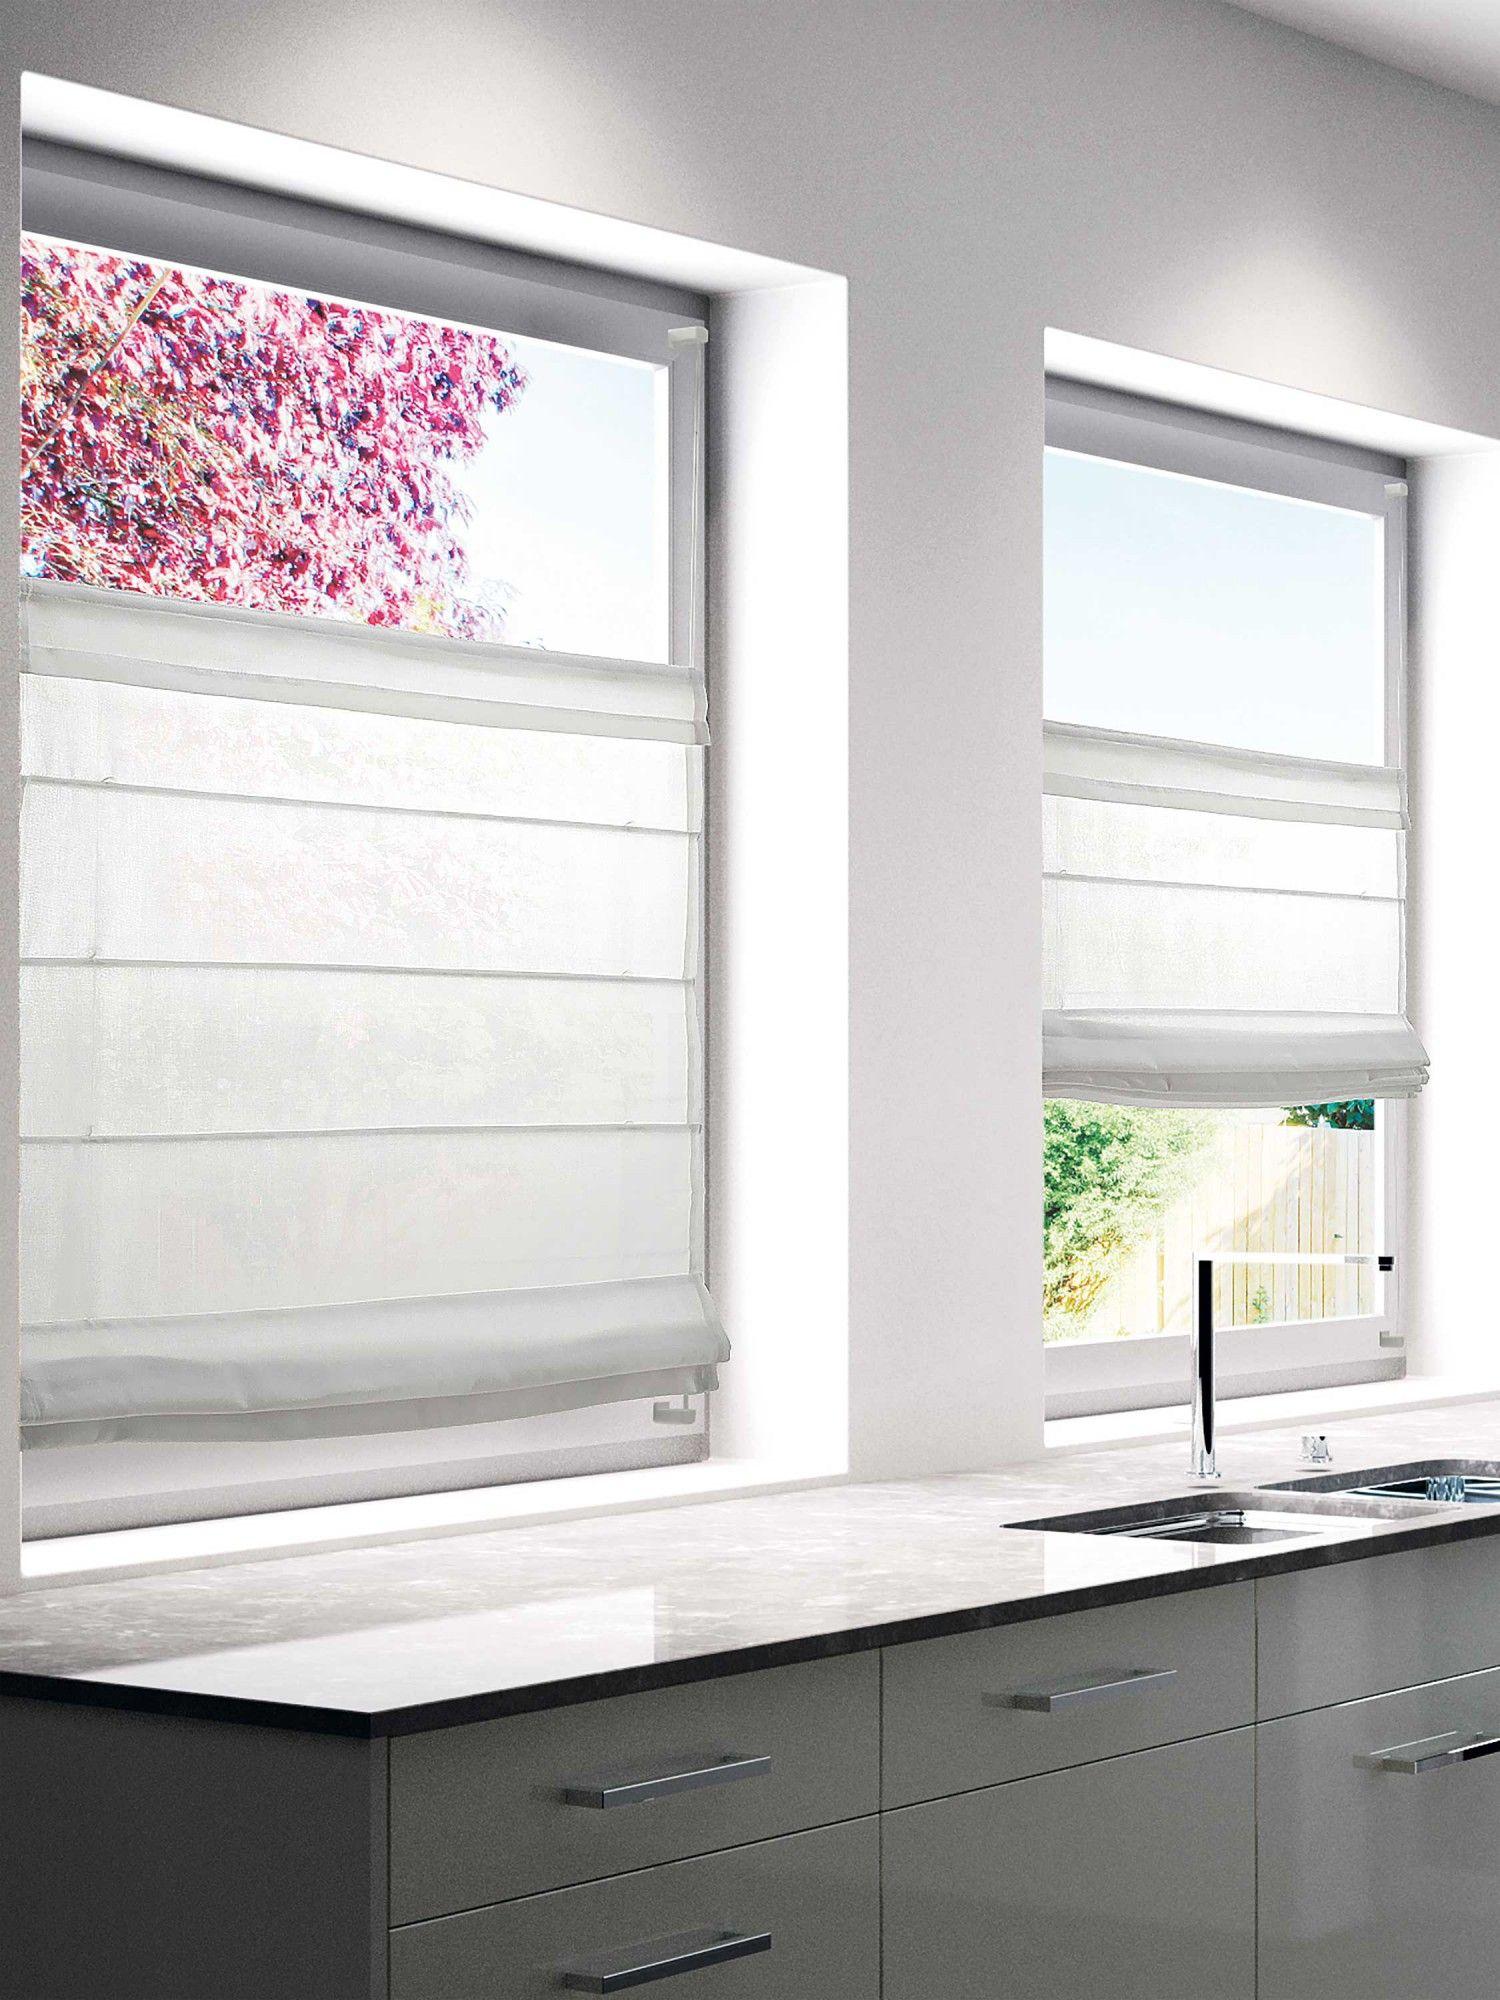 Full Size of Window Covering Ideas Kchenfenster Gardinen Fenster Küche Für Schlafzimmer Die Wohnzimmer Scheibengardinen Wohnzimmer Küchenfenster Gardinen